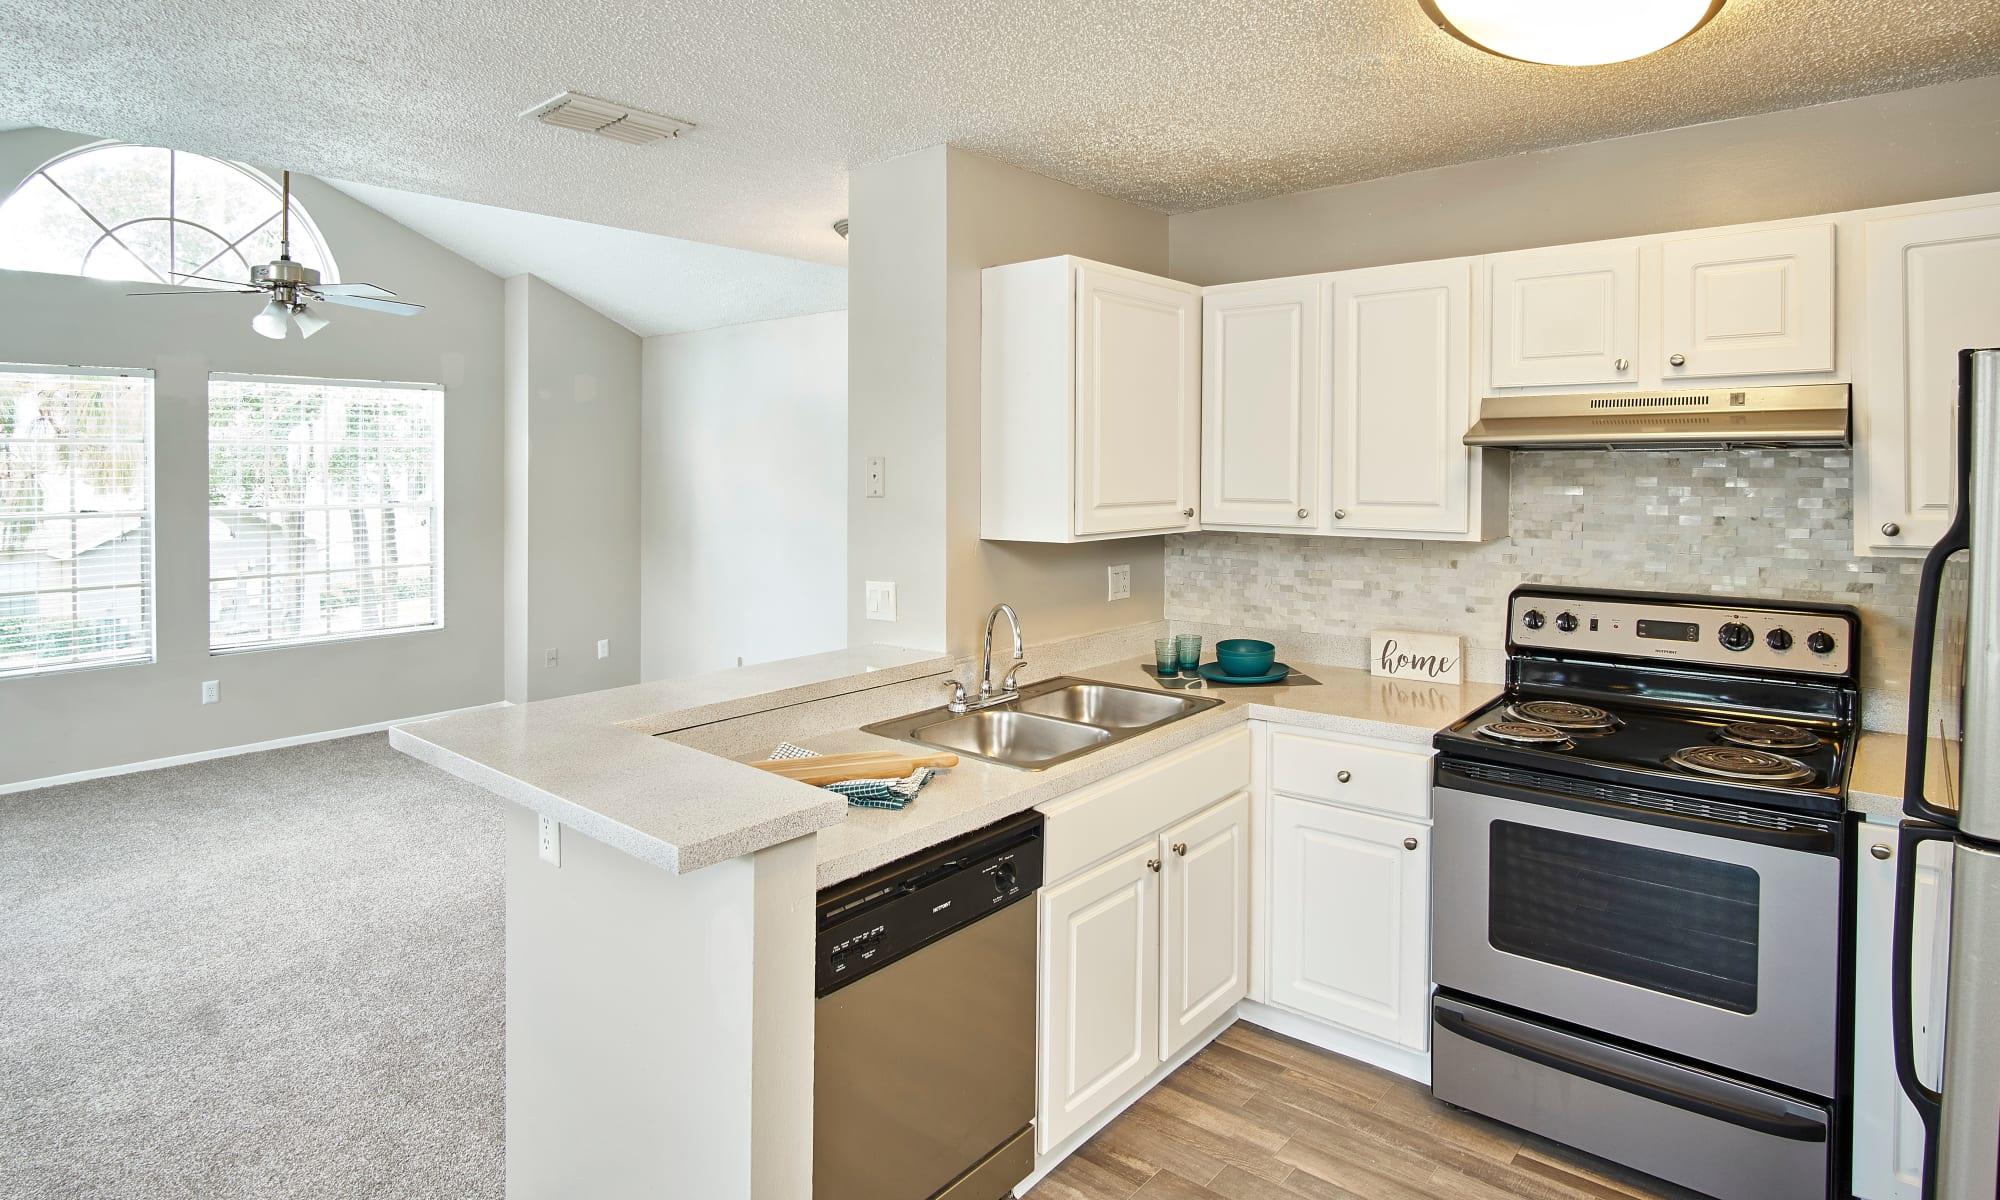 Apartments for rent at Avenue @Creekbridge in Brandon, Florida